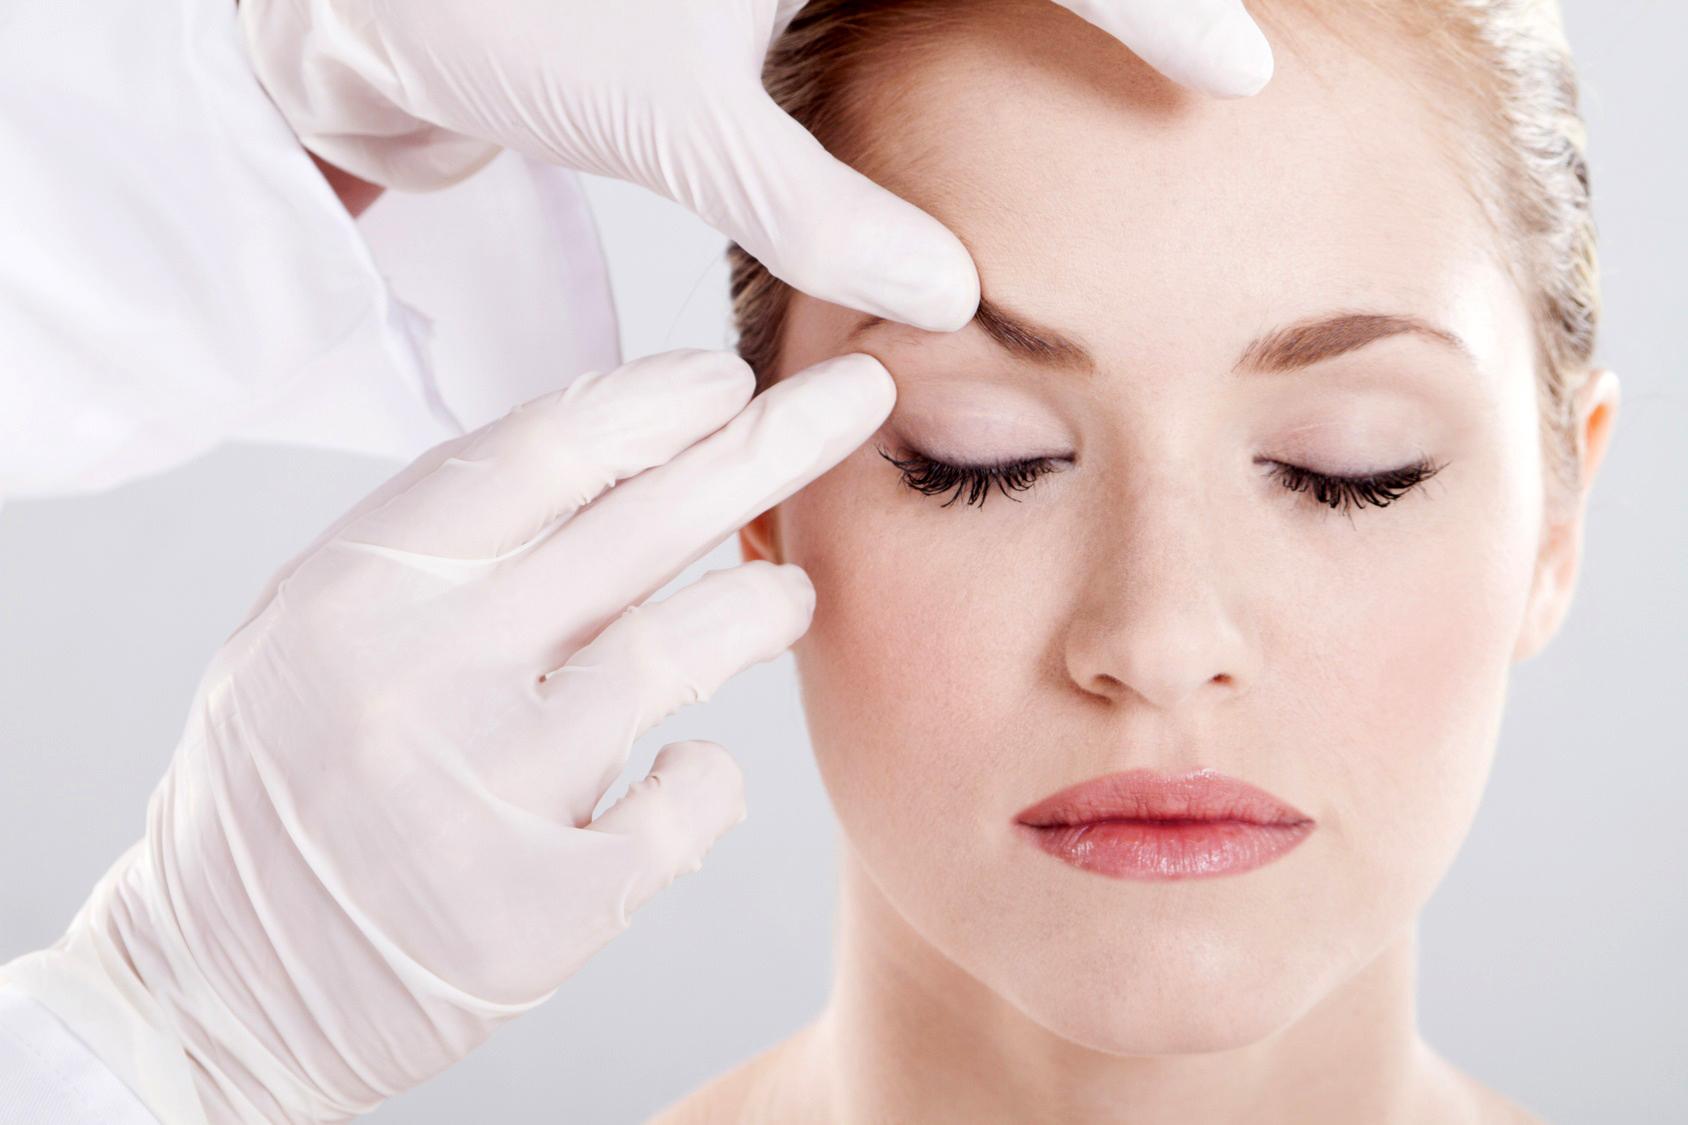 Блефаропластика как способ достижения красоты и молодости